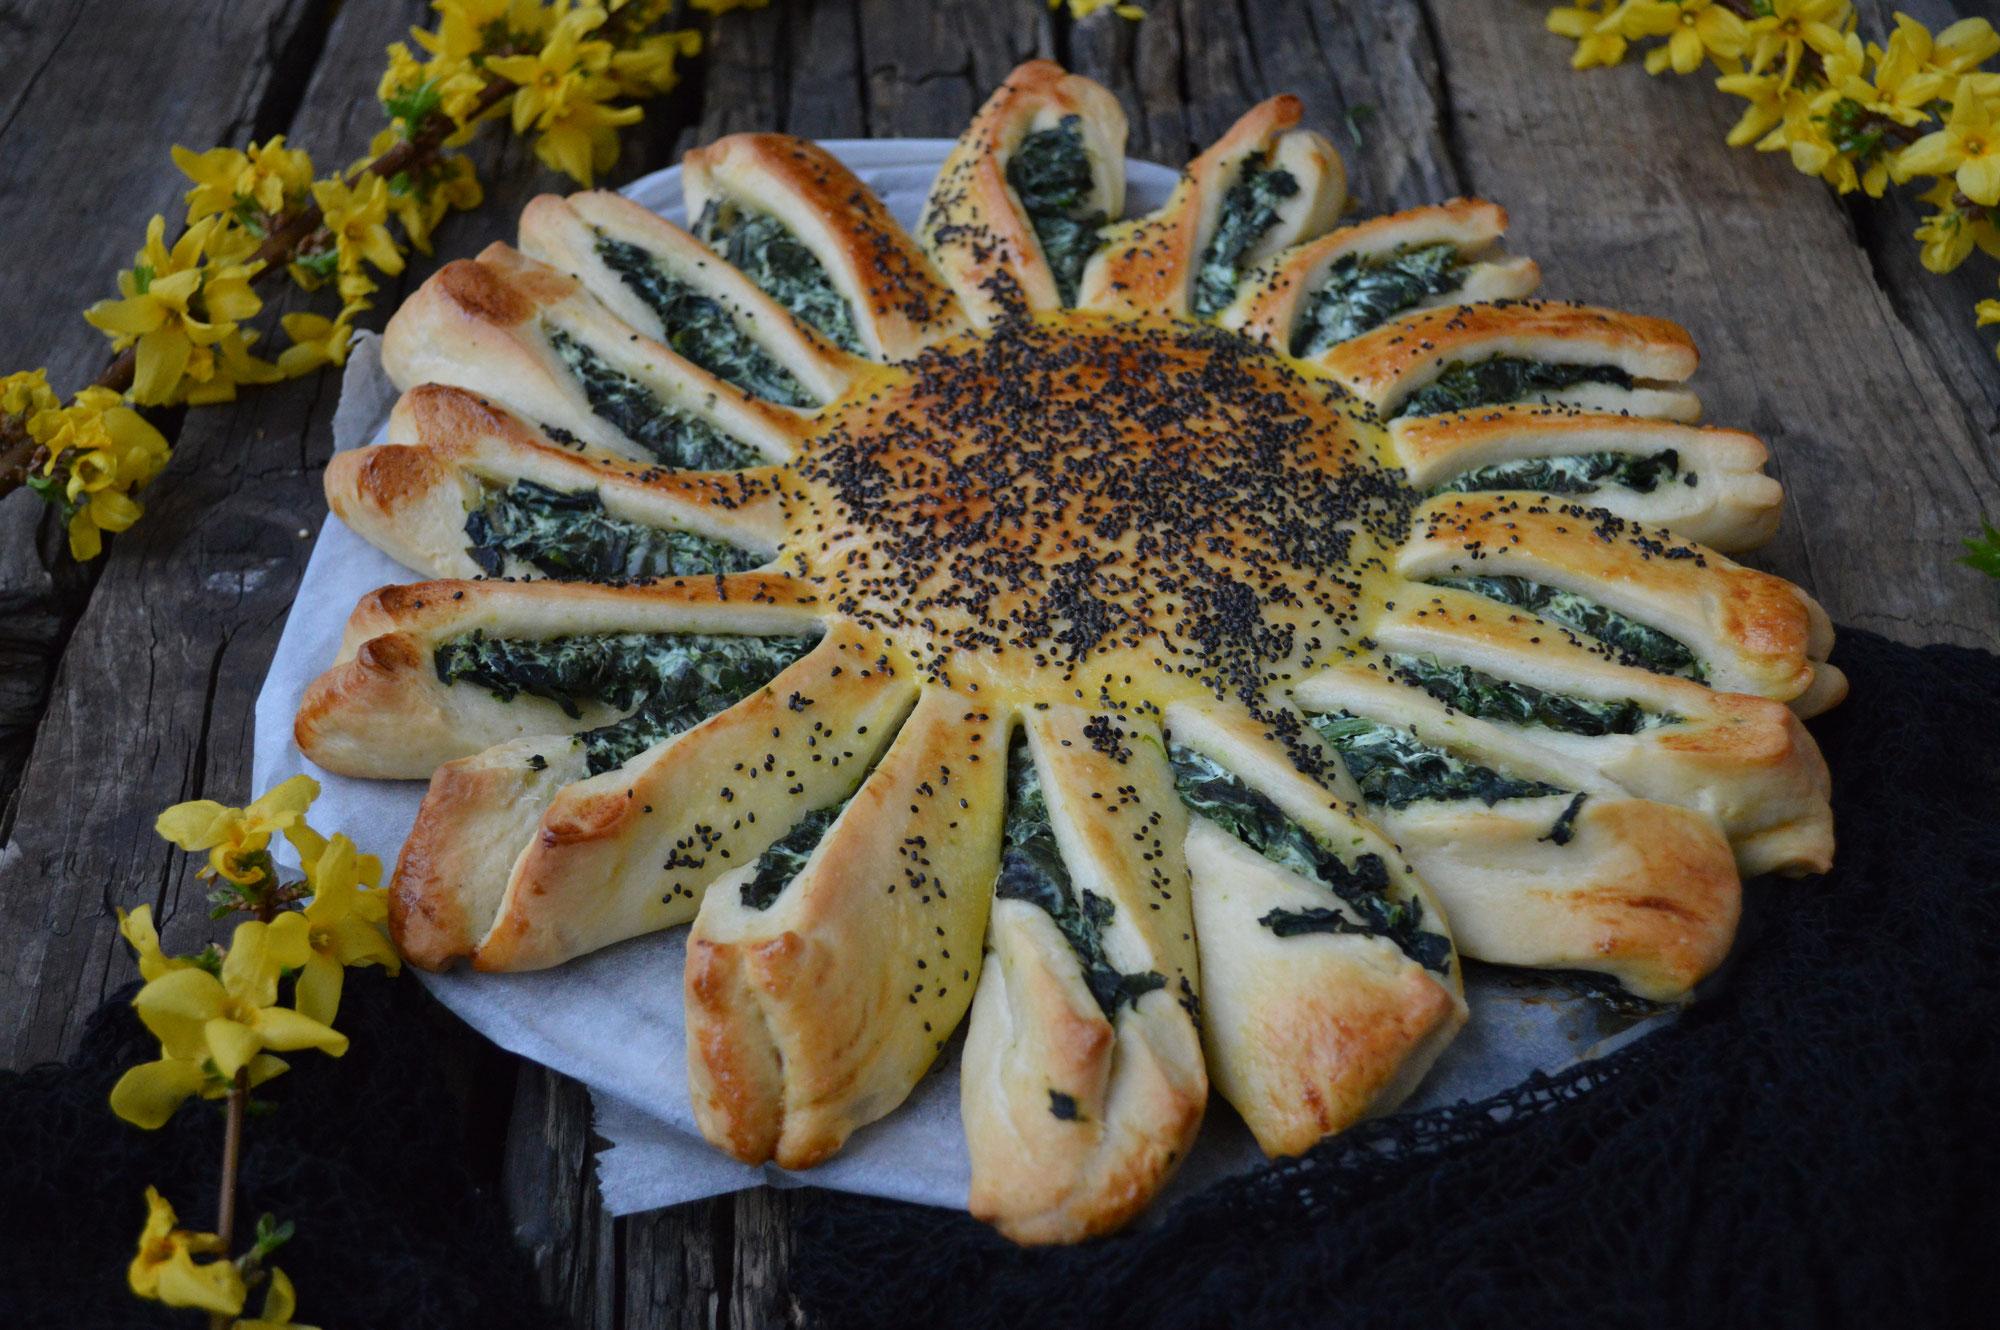 Kroatische Küche | Kroatische Bosnische Kuche Vesnas Suesses Welts Webseite